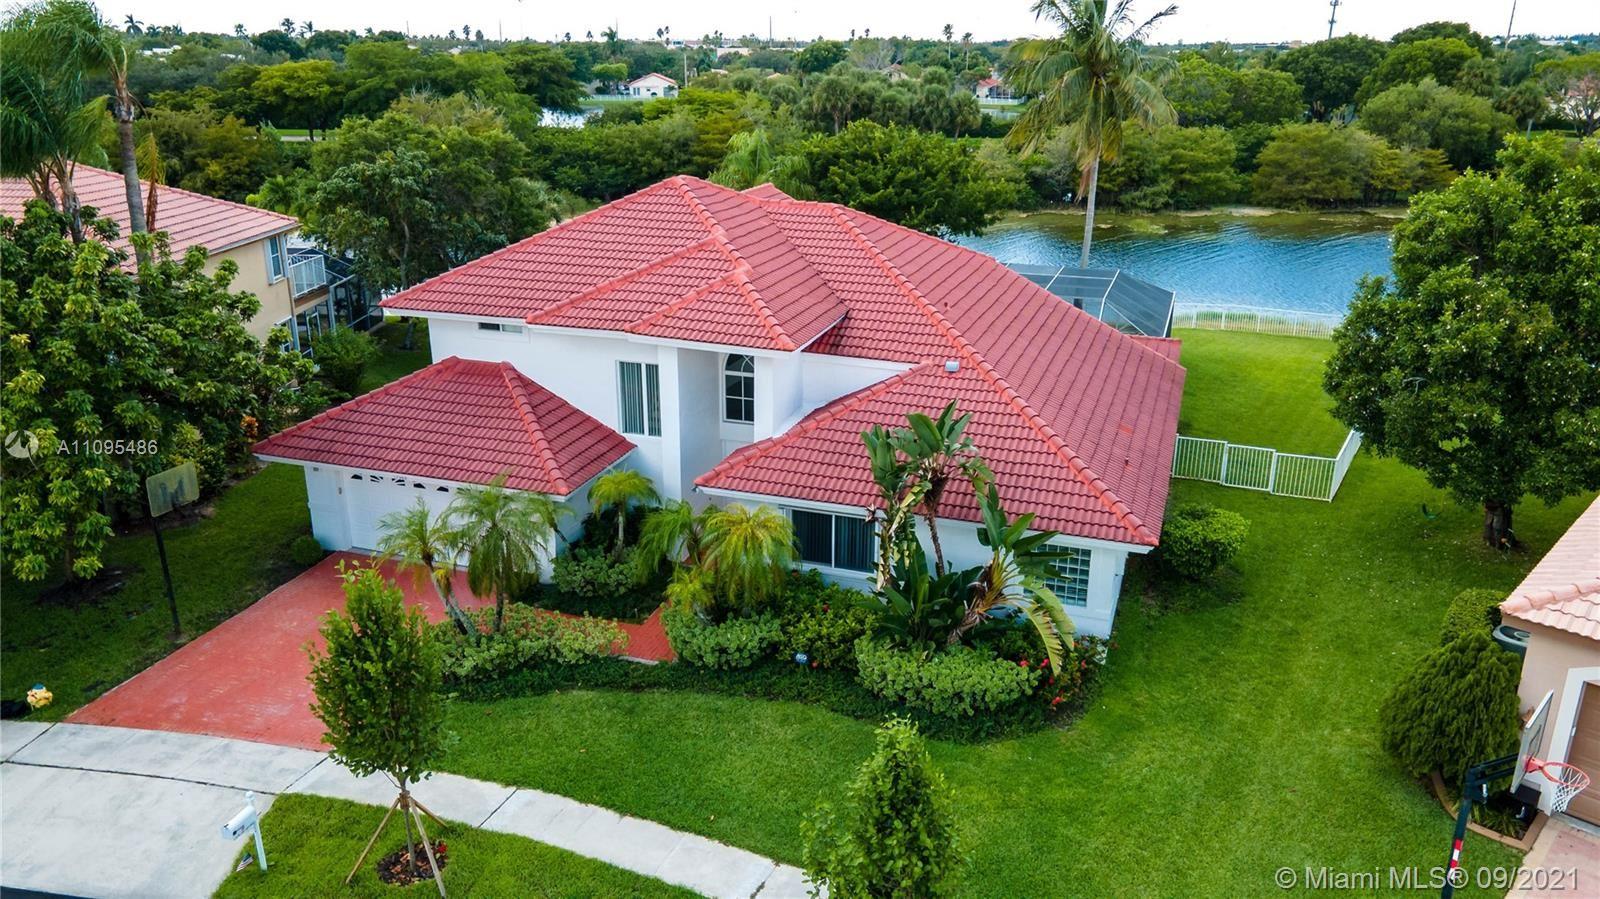 17982 NW 9th Ct, Pembroke Pines, FL 33029 - #: A11095486